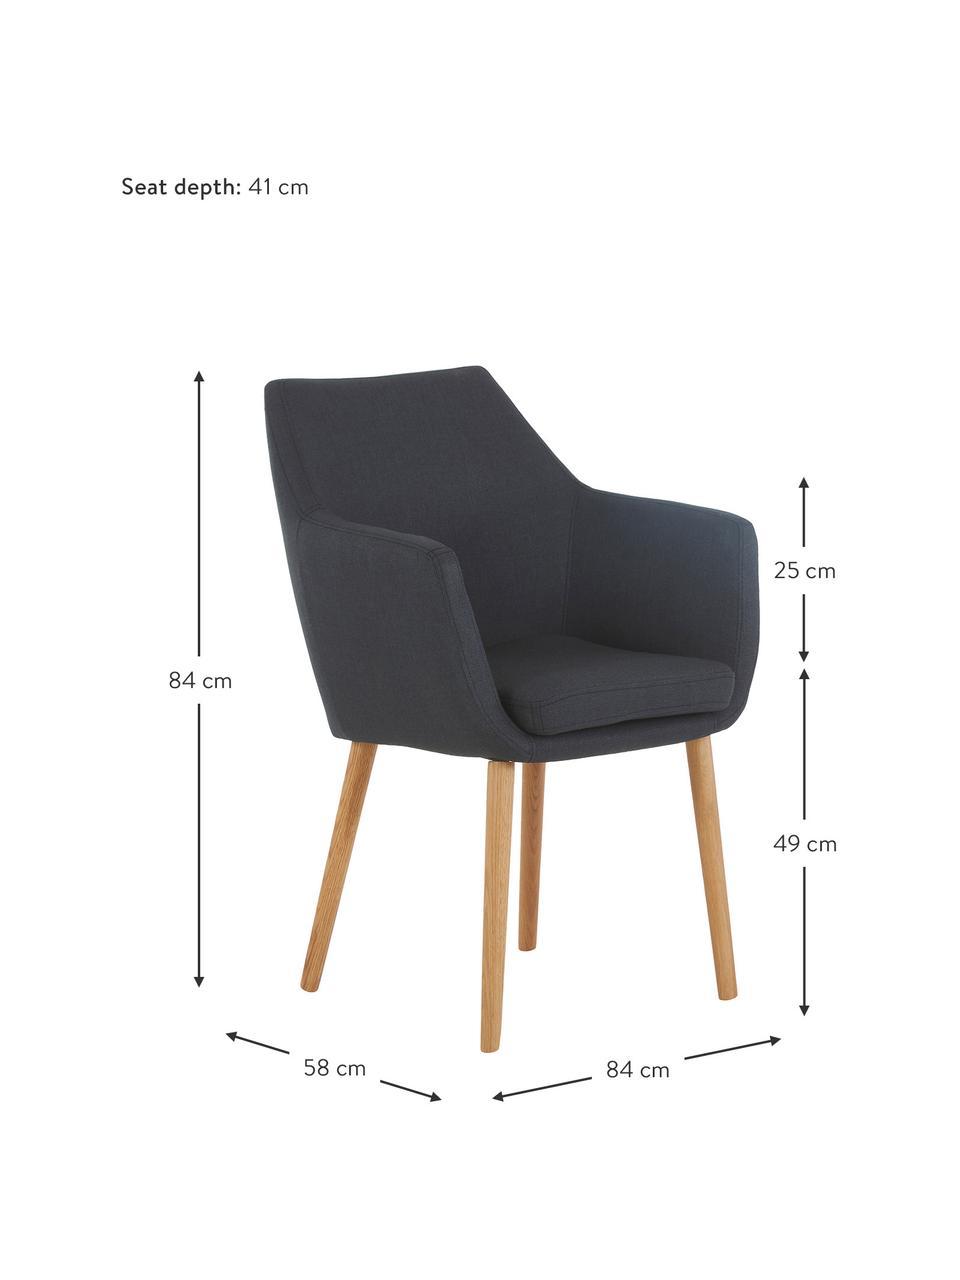 Krzesło z podłokietnikami Nora, Tapicerka: 100%poliester Dzięki tk, Nogi: drewno dębowe, Antracytowy, drewno dębowe, S 58 x G 58 cm